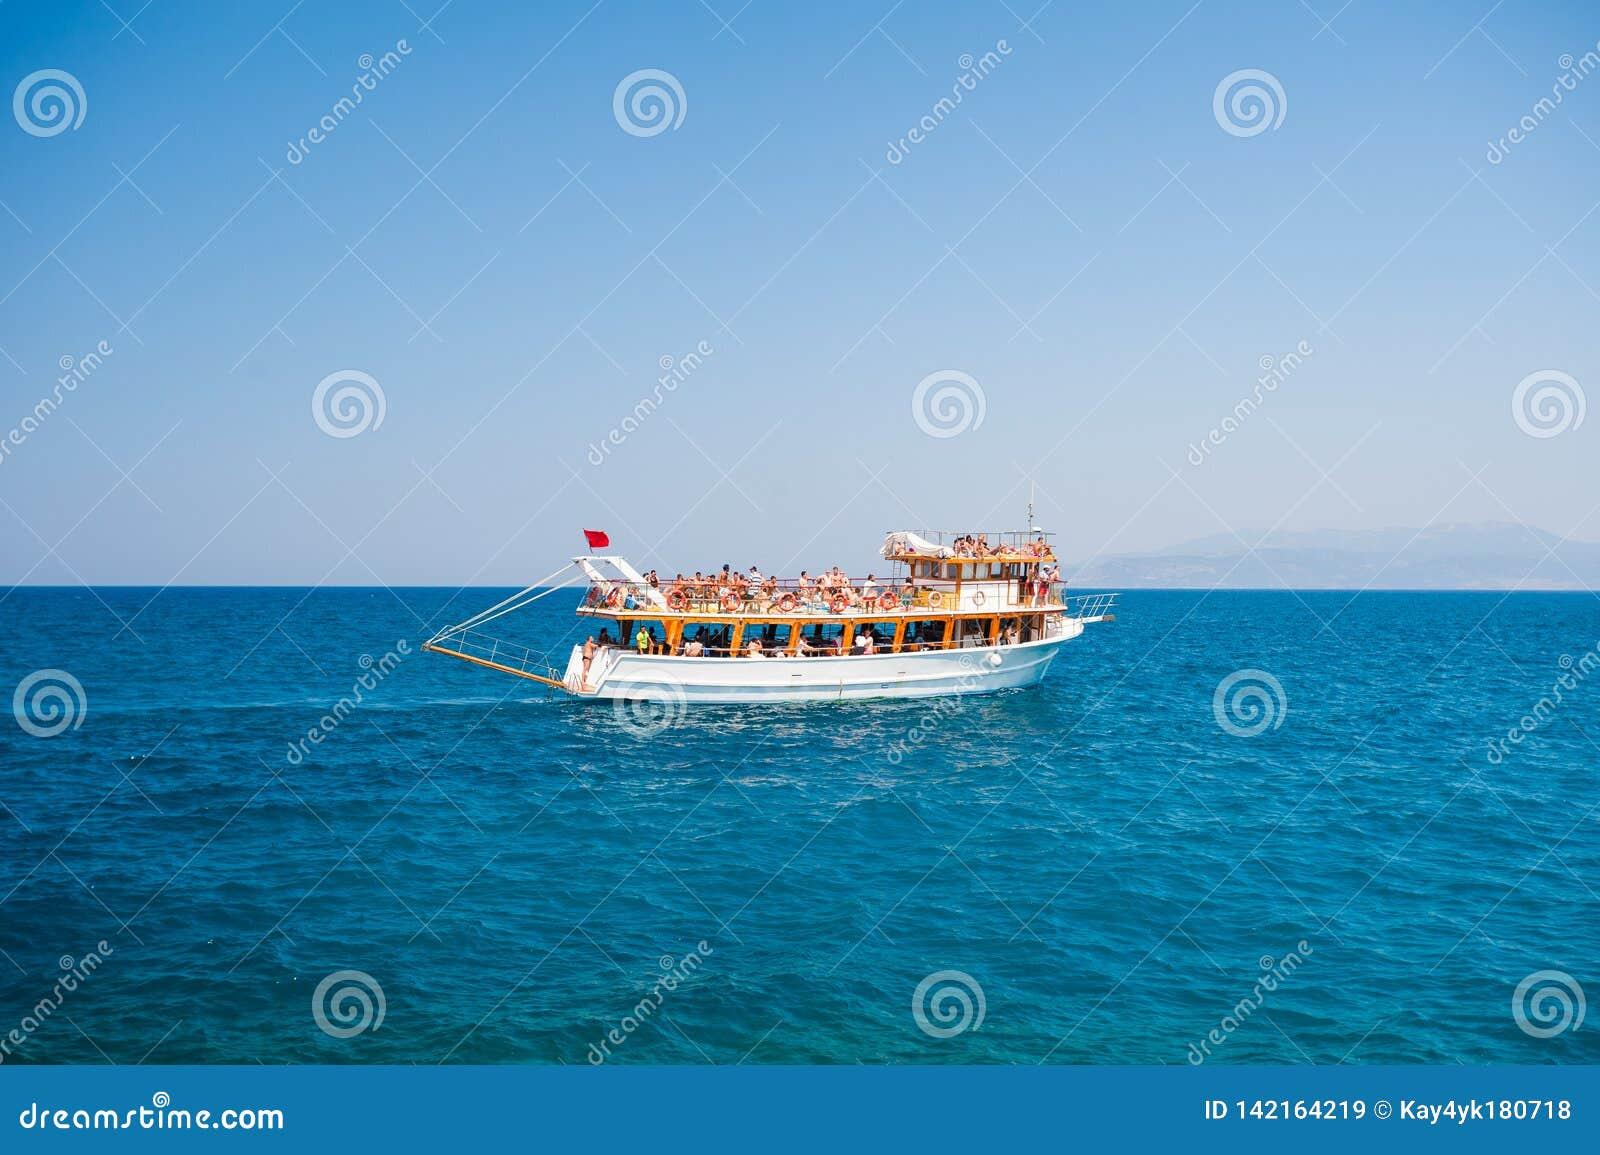 Jacht z turystami żegluje na morzu, odpoczynek dla wszystkie rodziny, rejs na wyspach